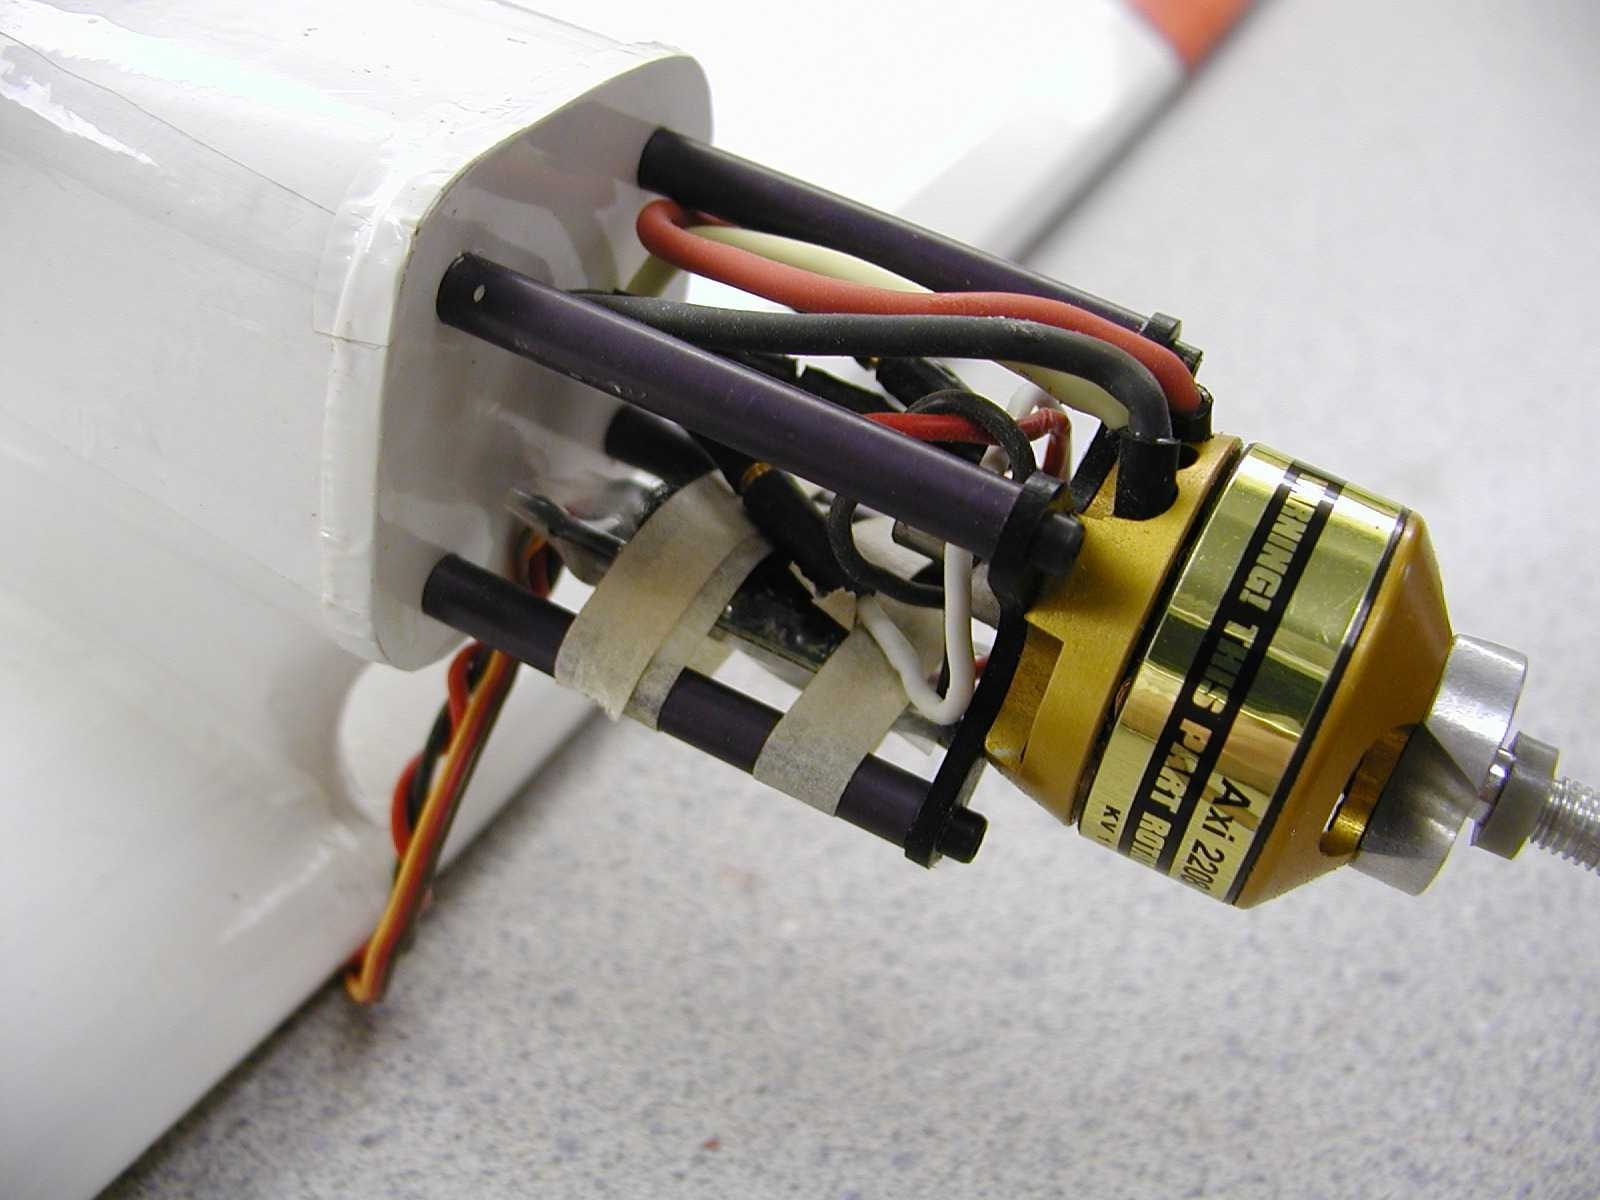 https://0201.nccdn.net/1_2/000/000/197/bf0/Aqua-Star-Motor-Installation-1600x1200.jpg